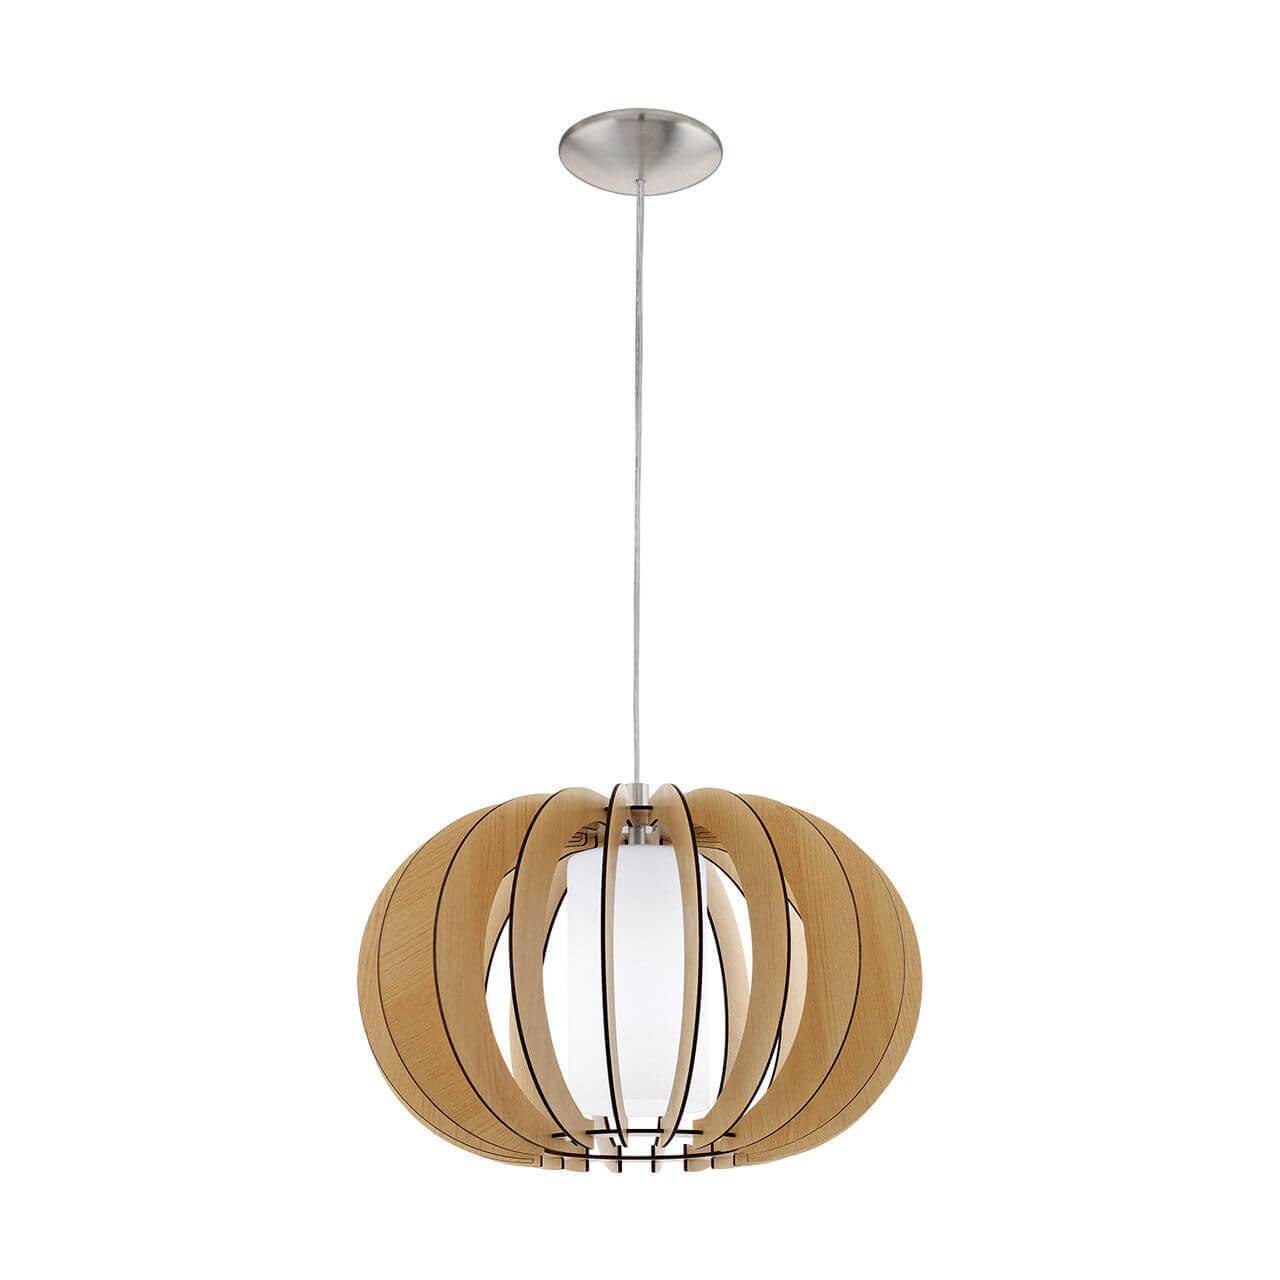 Подвесной светильник Eglo 95598, E27, 60 Вт подвесной светильник eglo stellato 2 95606